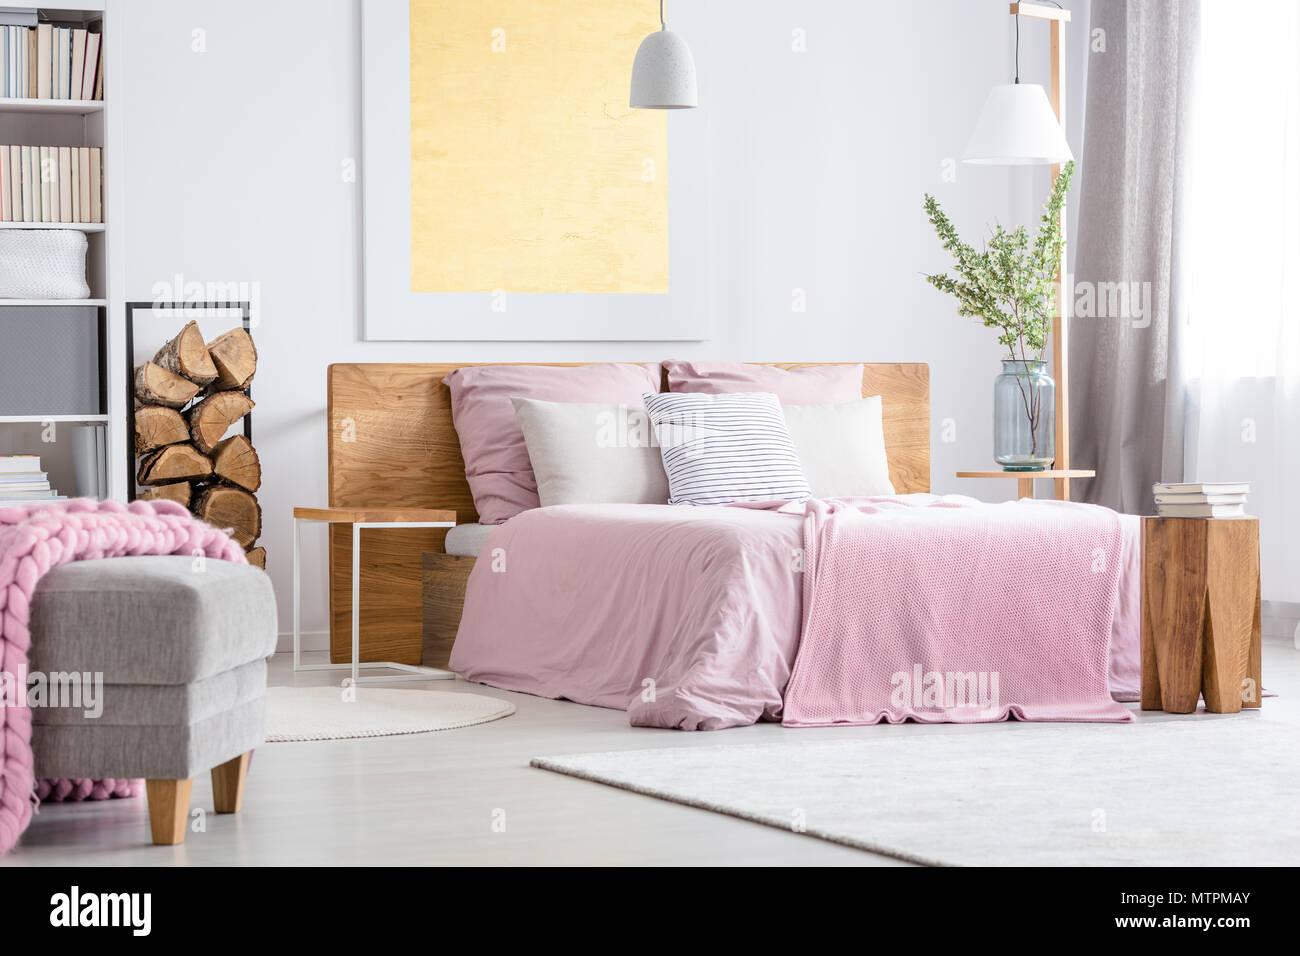 Grand lit en bois avec literie rose dans de confortables ...